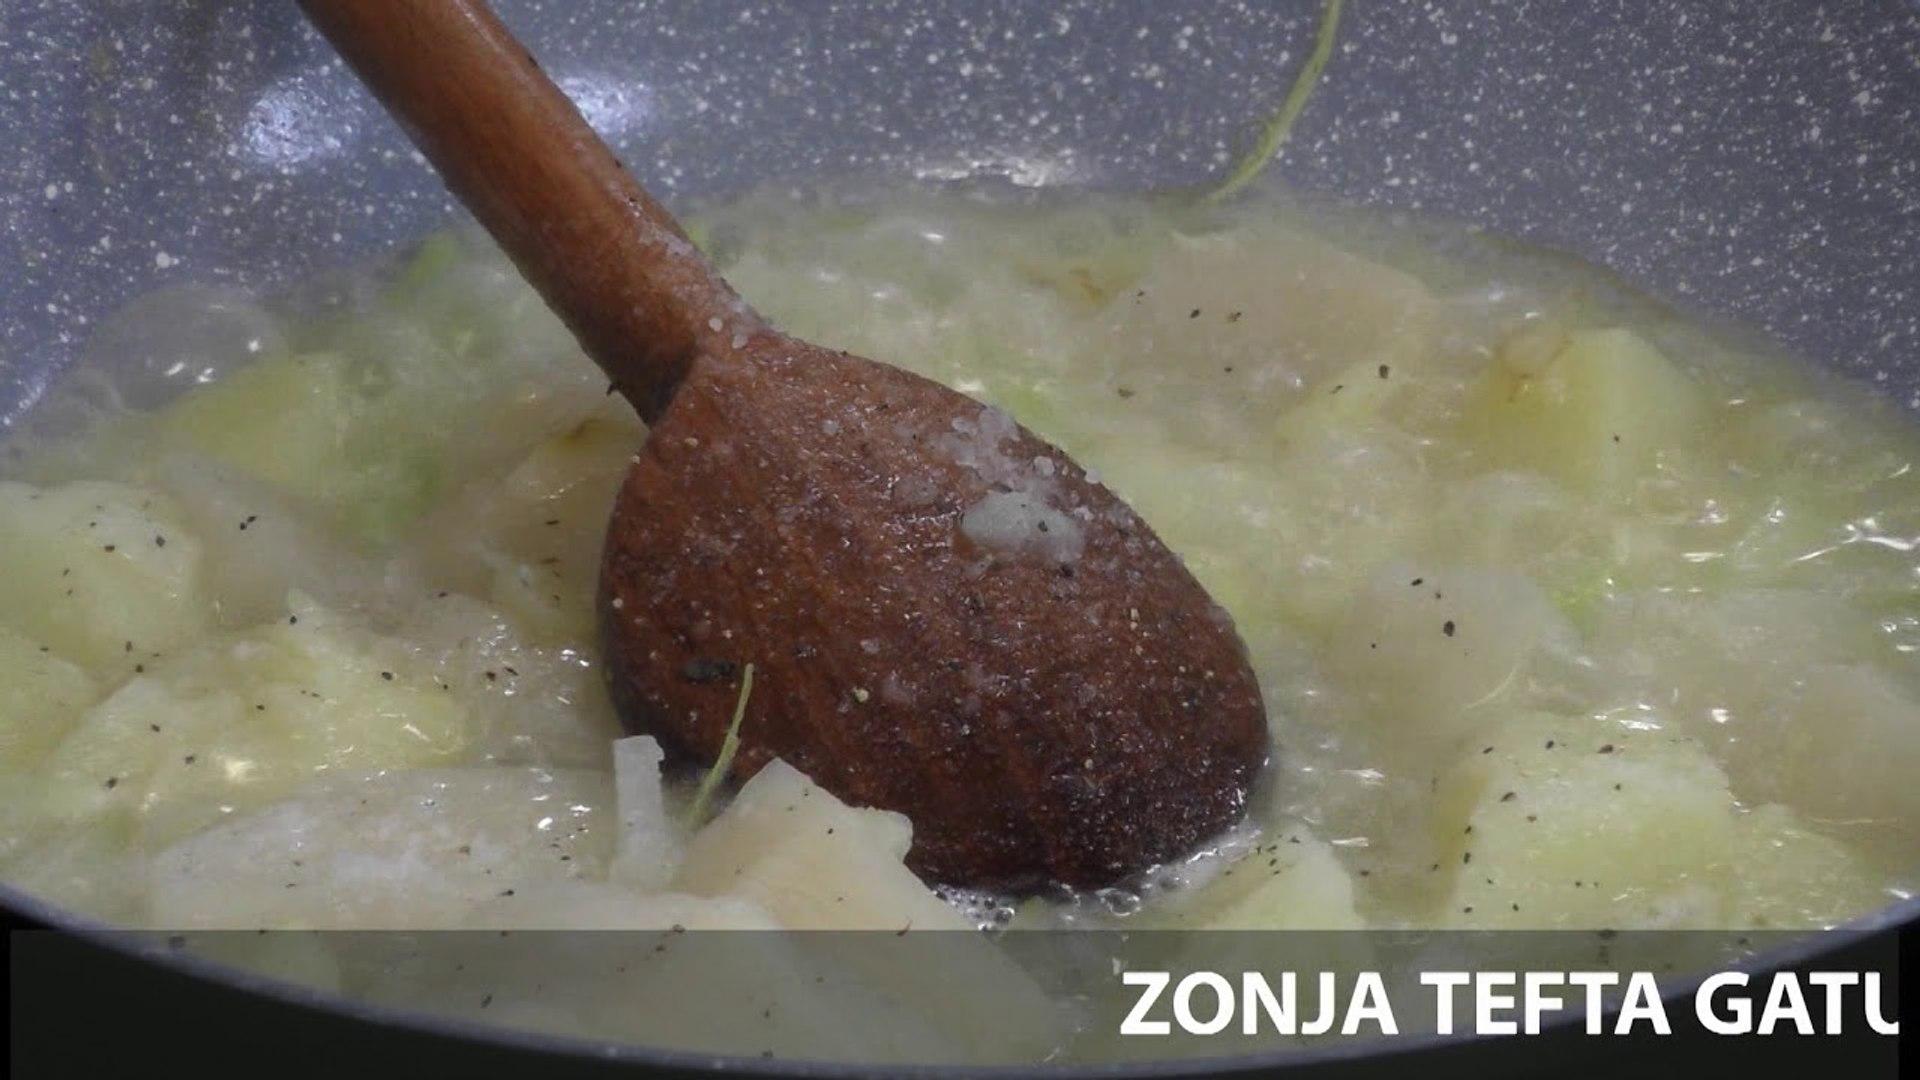 Te gatuajme me Zonjen Tefta PJ2 Ravioli te castit me lakra te egra e salce Seleno, Kofshe pule me sp